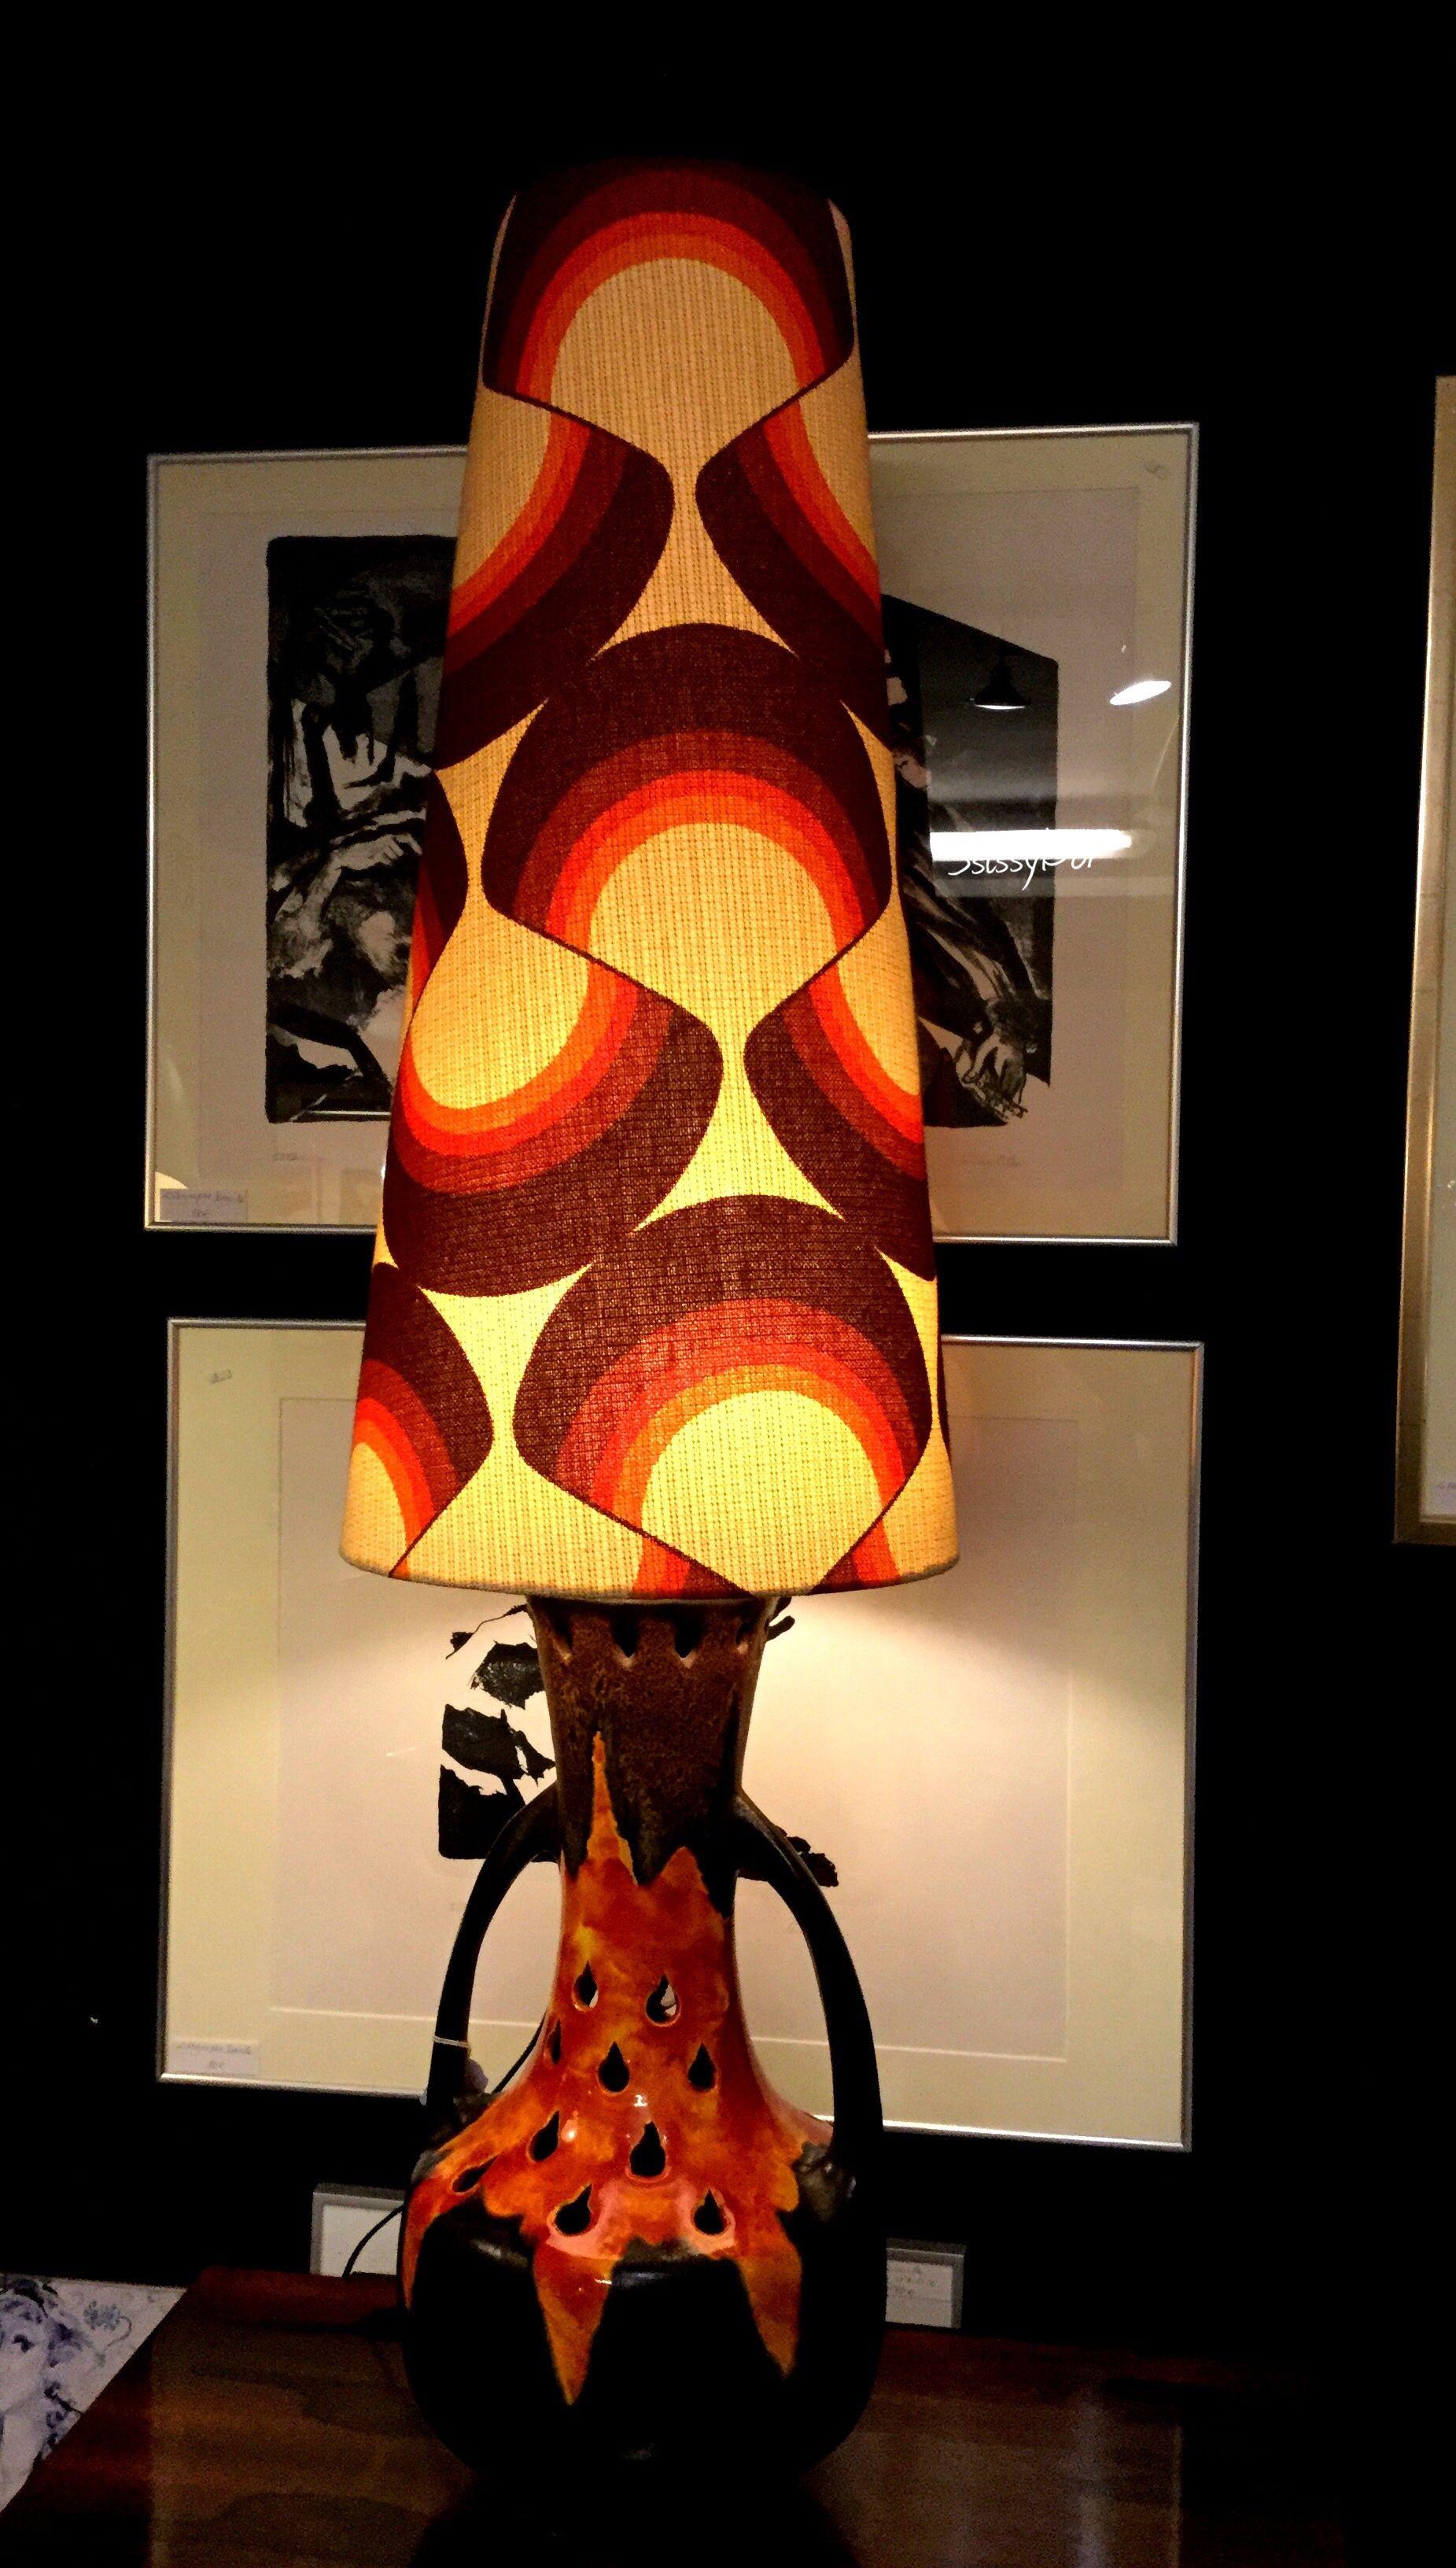 Lampe De Sol Retro Furniture Design Retro Furniture Ceramic Lamp